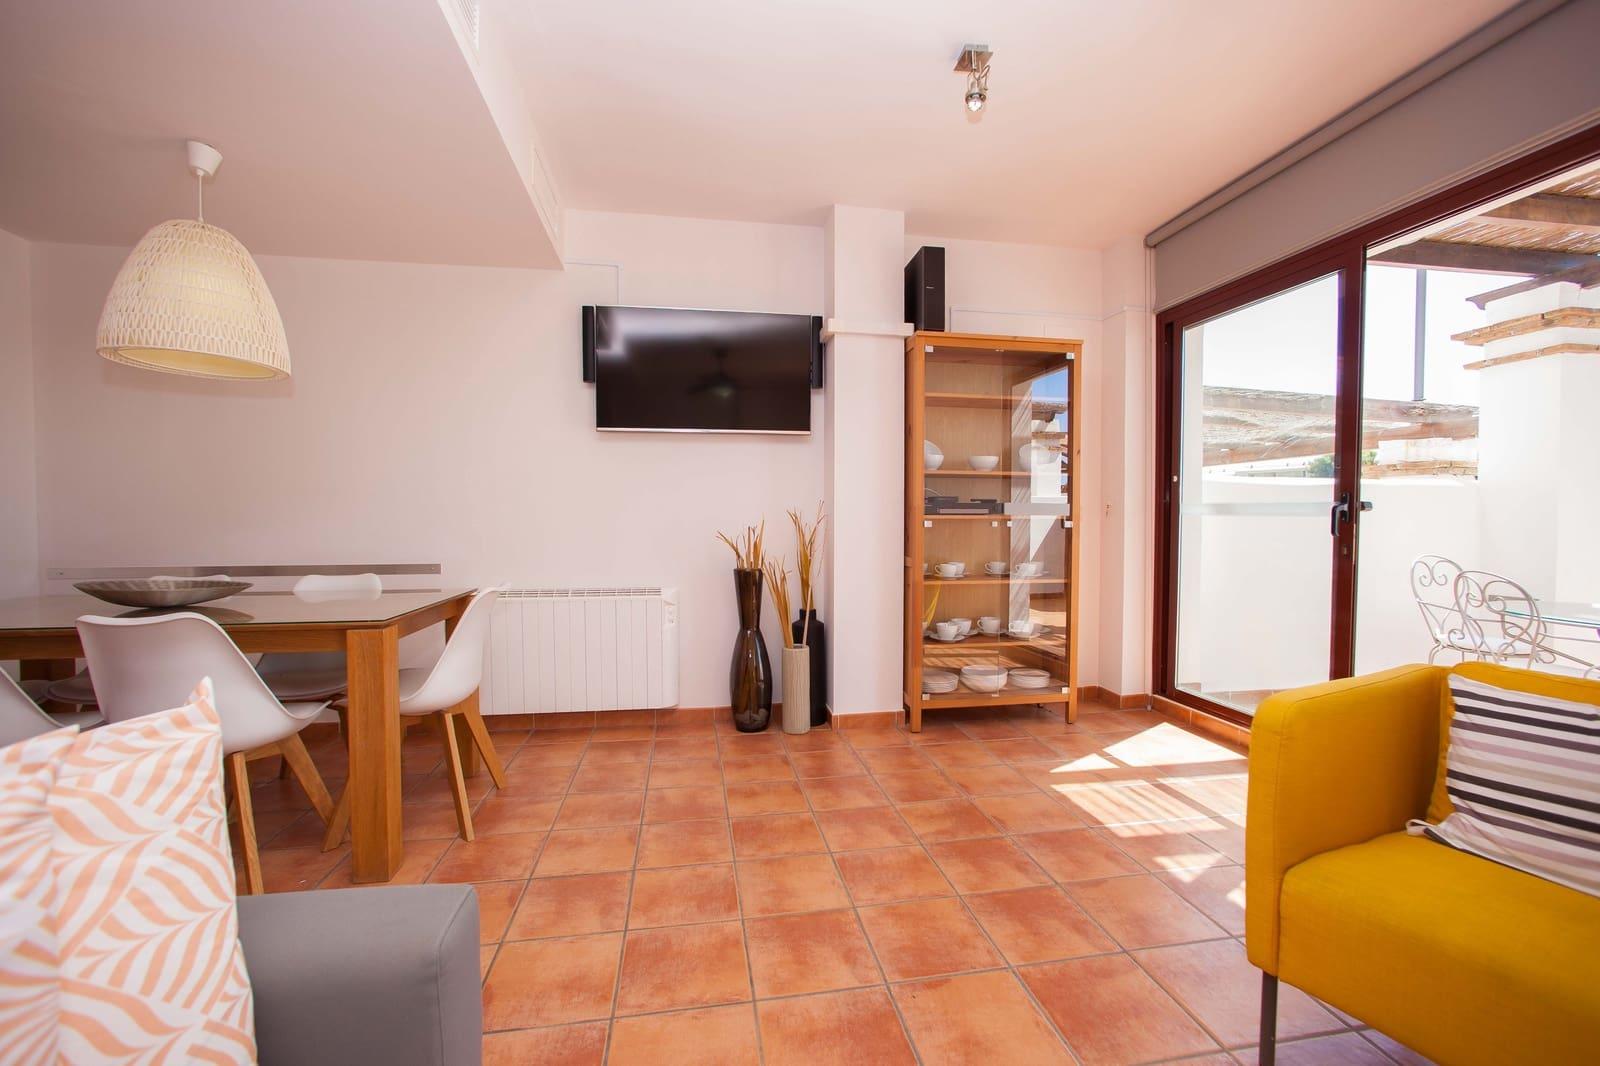 3 quarto Casa em Banda para venda em La Herradura com piscina garagem - 285 000 € (Ref: 6125414)